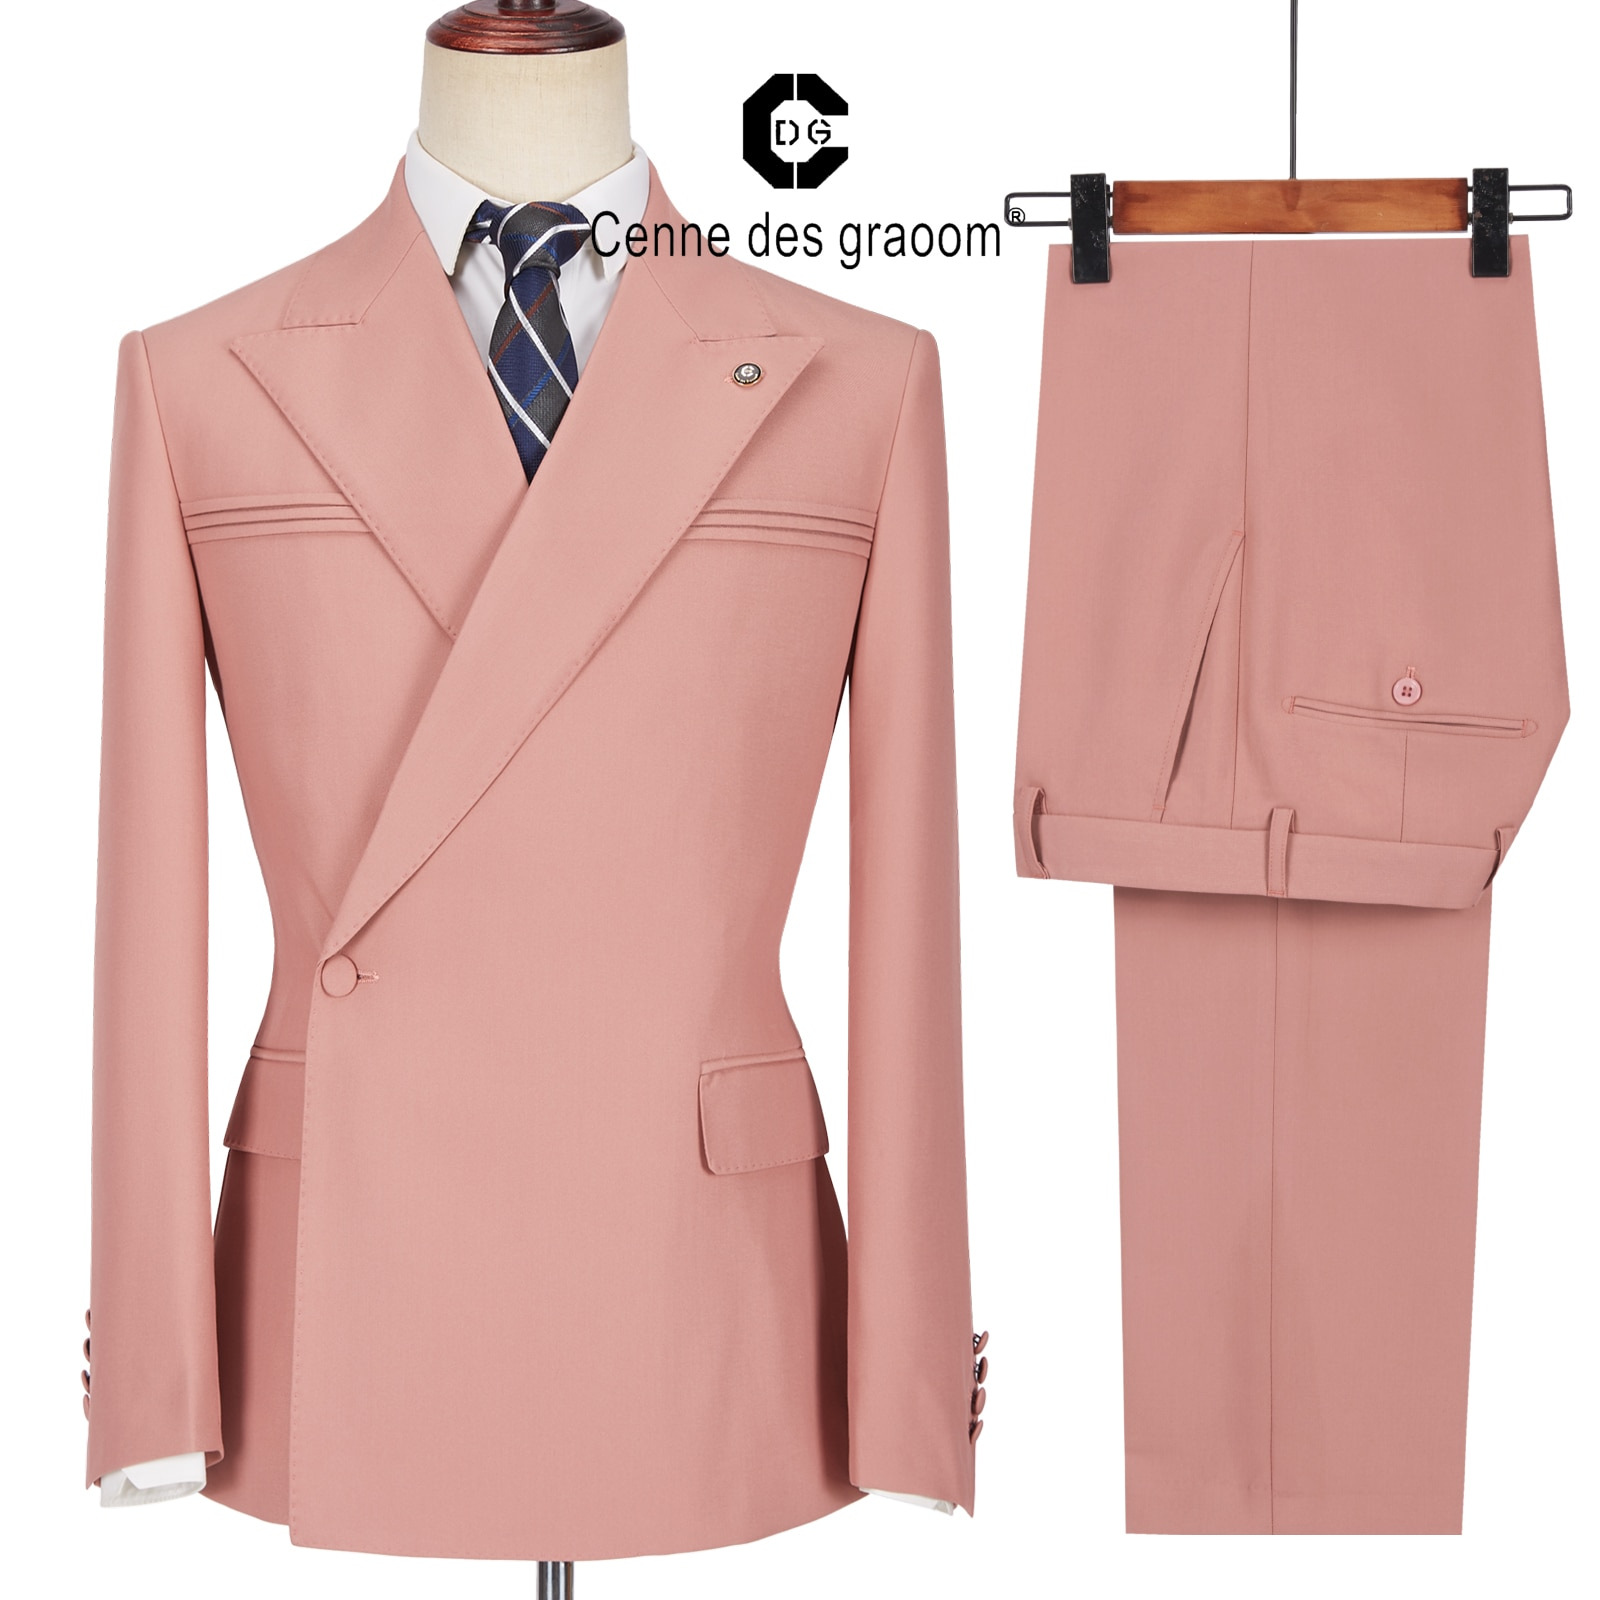 بدلة رجالية من Cenne Des grooom بزر واحد وردية صدر مزدوجة سترة مصممة حسب الطلب سروال عمل كاجوال لحفلات المغني والعريس